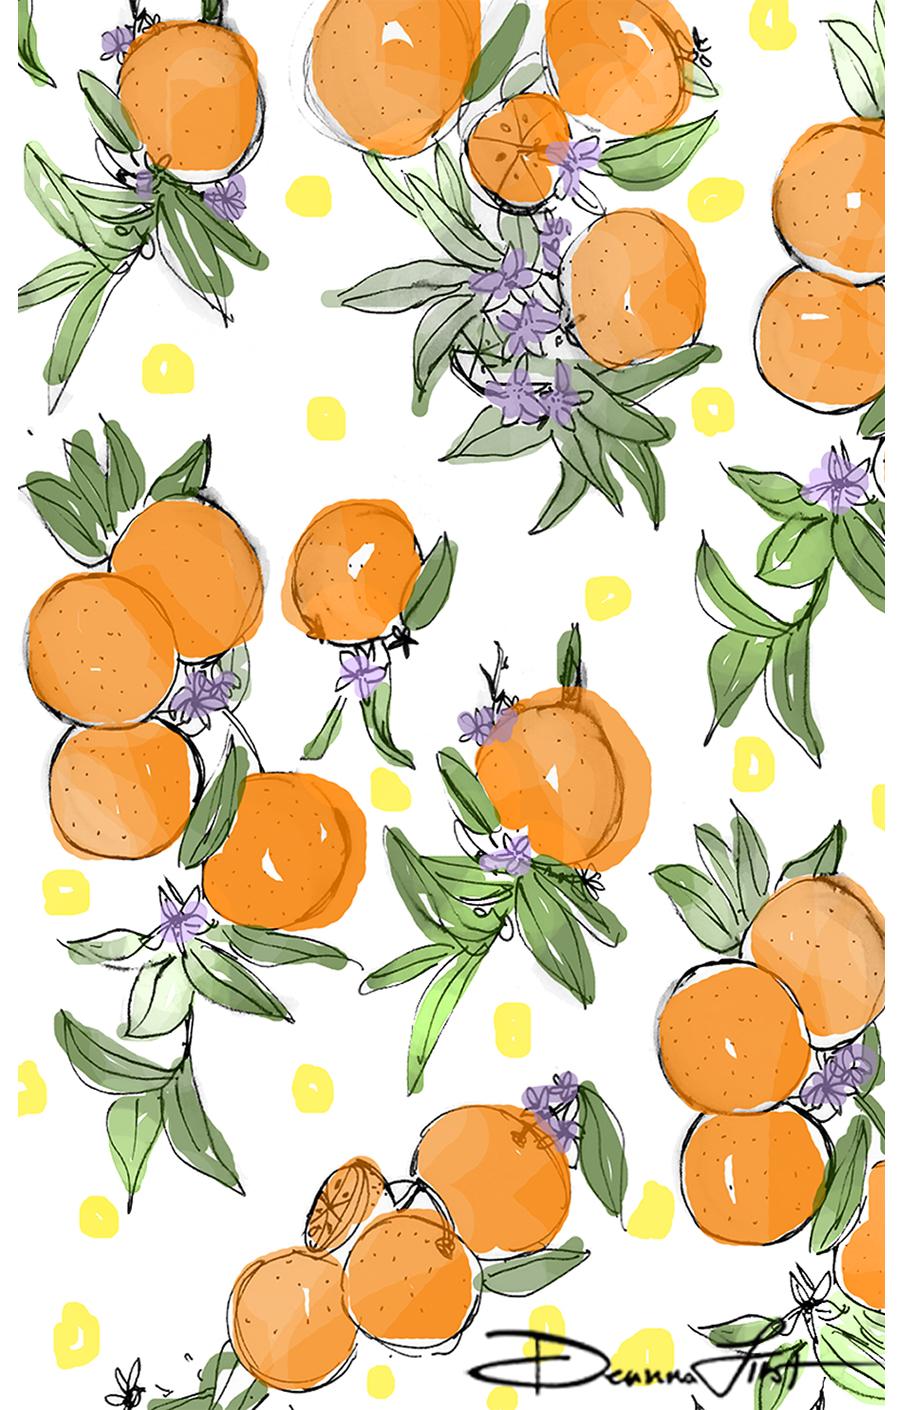 oranges_dots_deannafirst_small copy.jpg